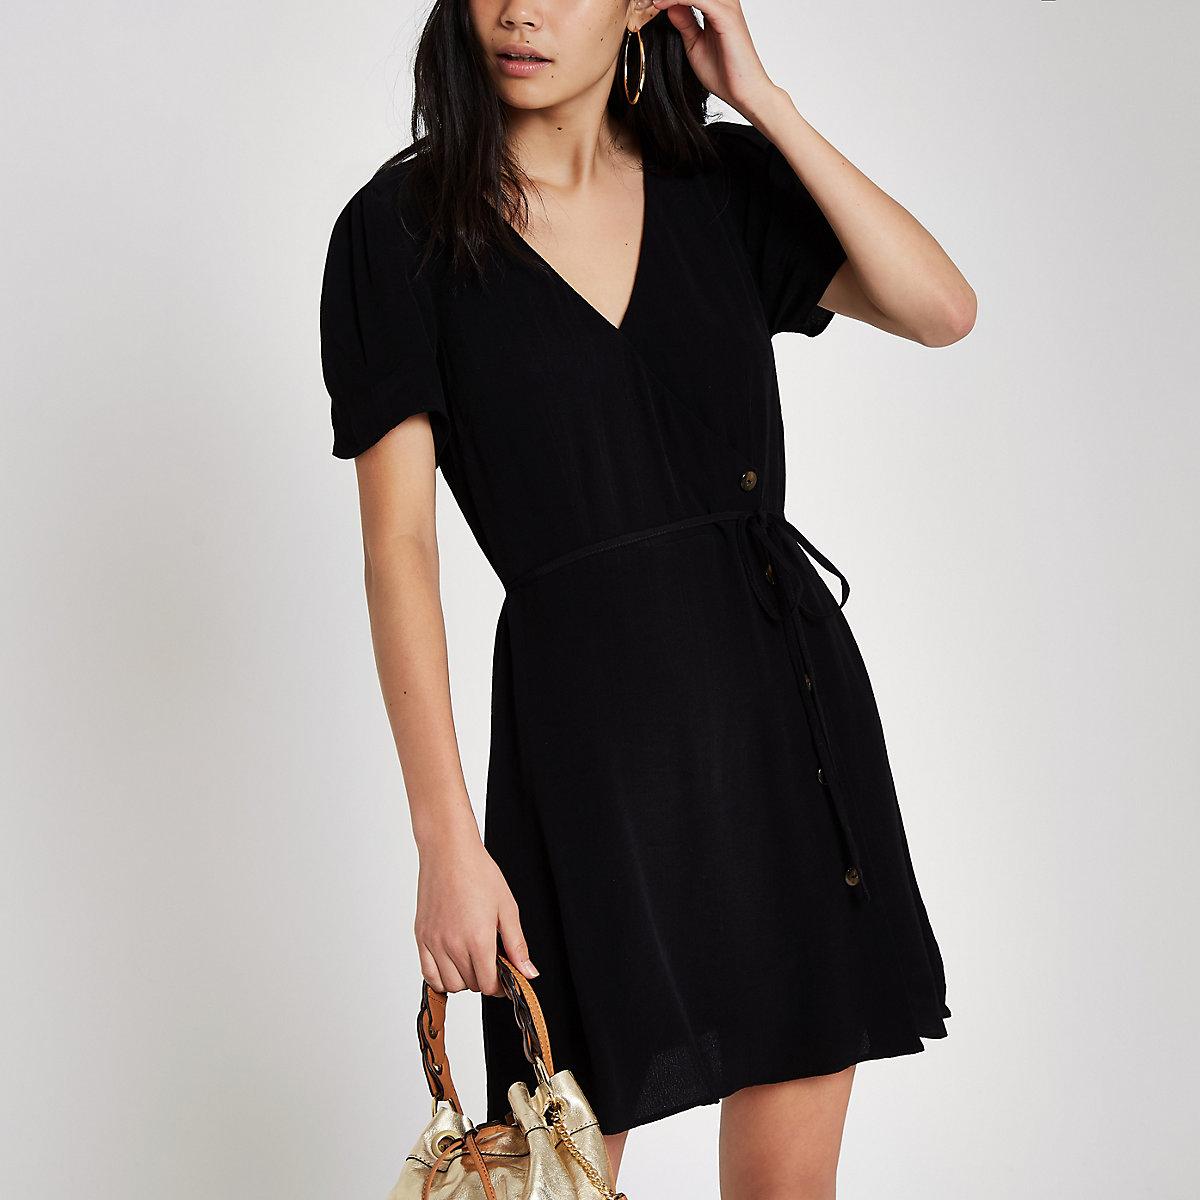 Schwarzes Minikleid mit Knöpfen